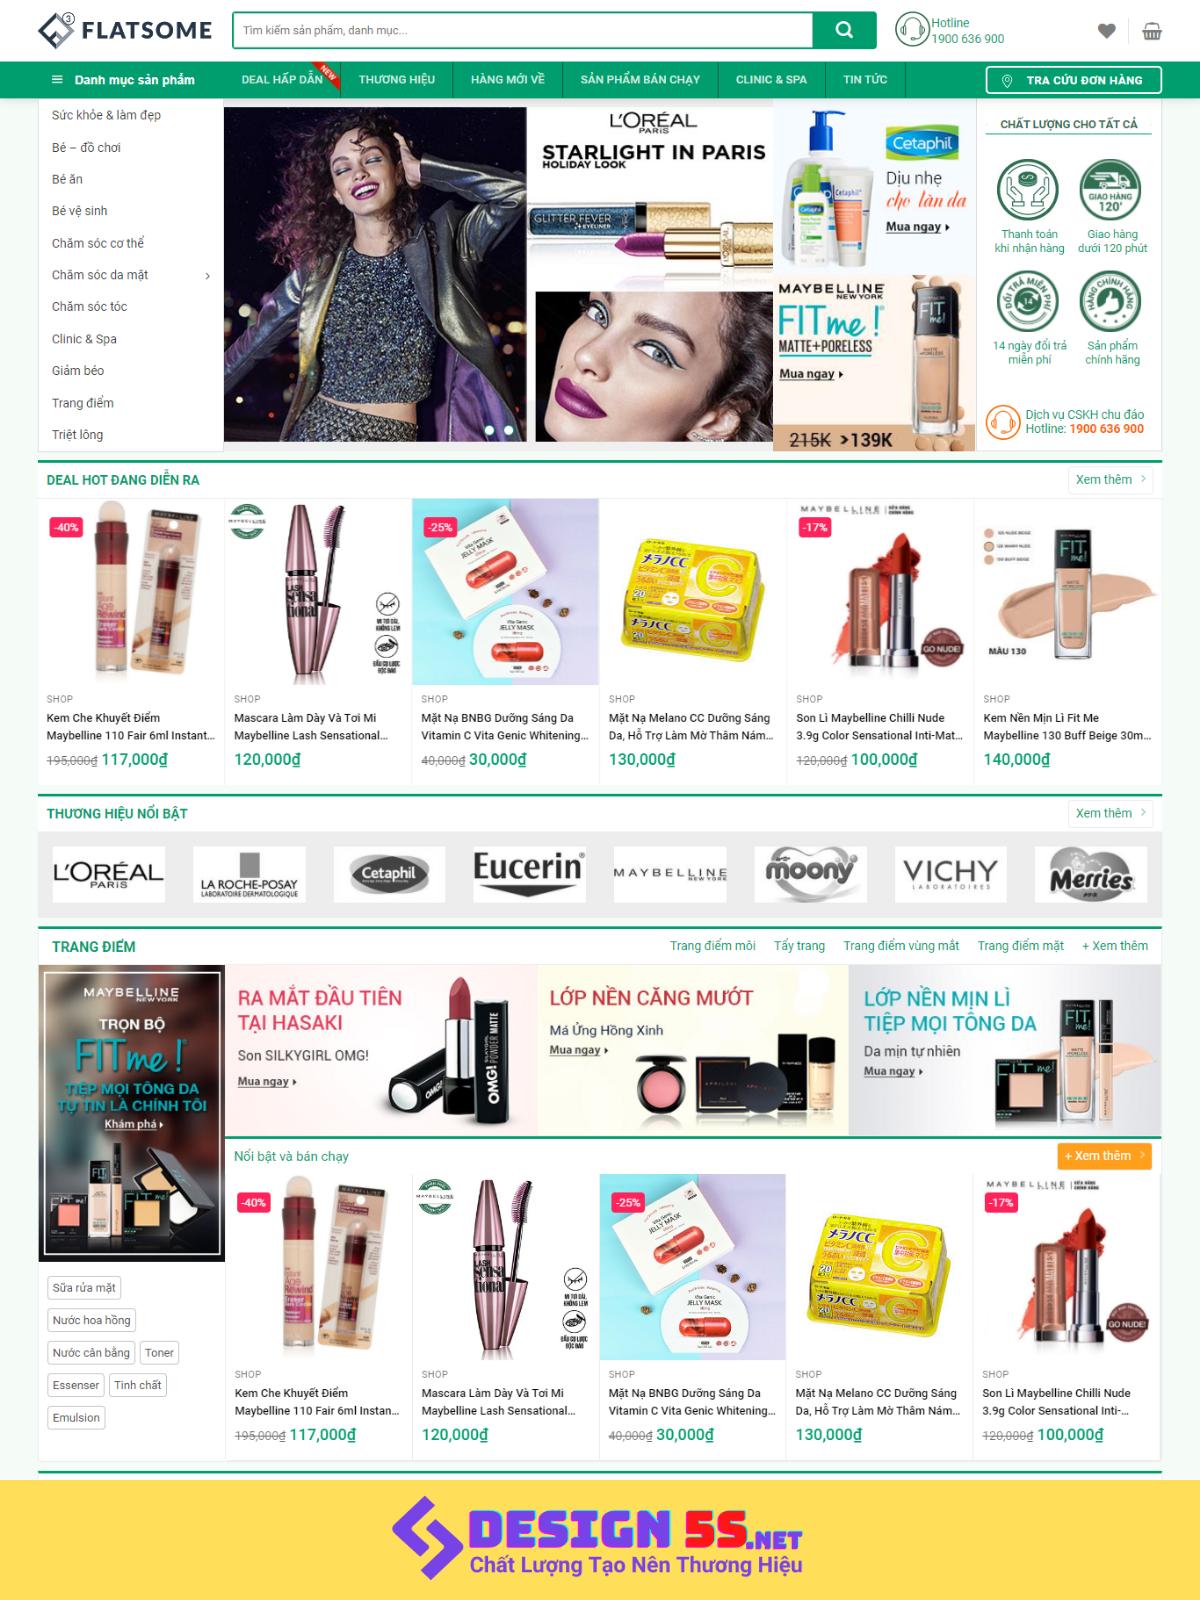 Template blogspot bán hàng mỹ phẩm cao cấp VSM70